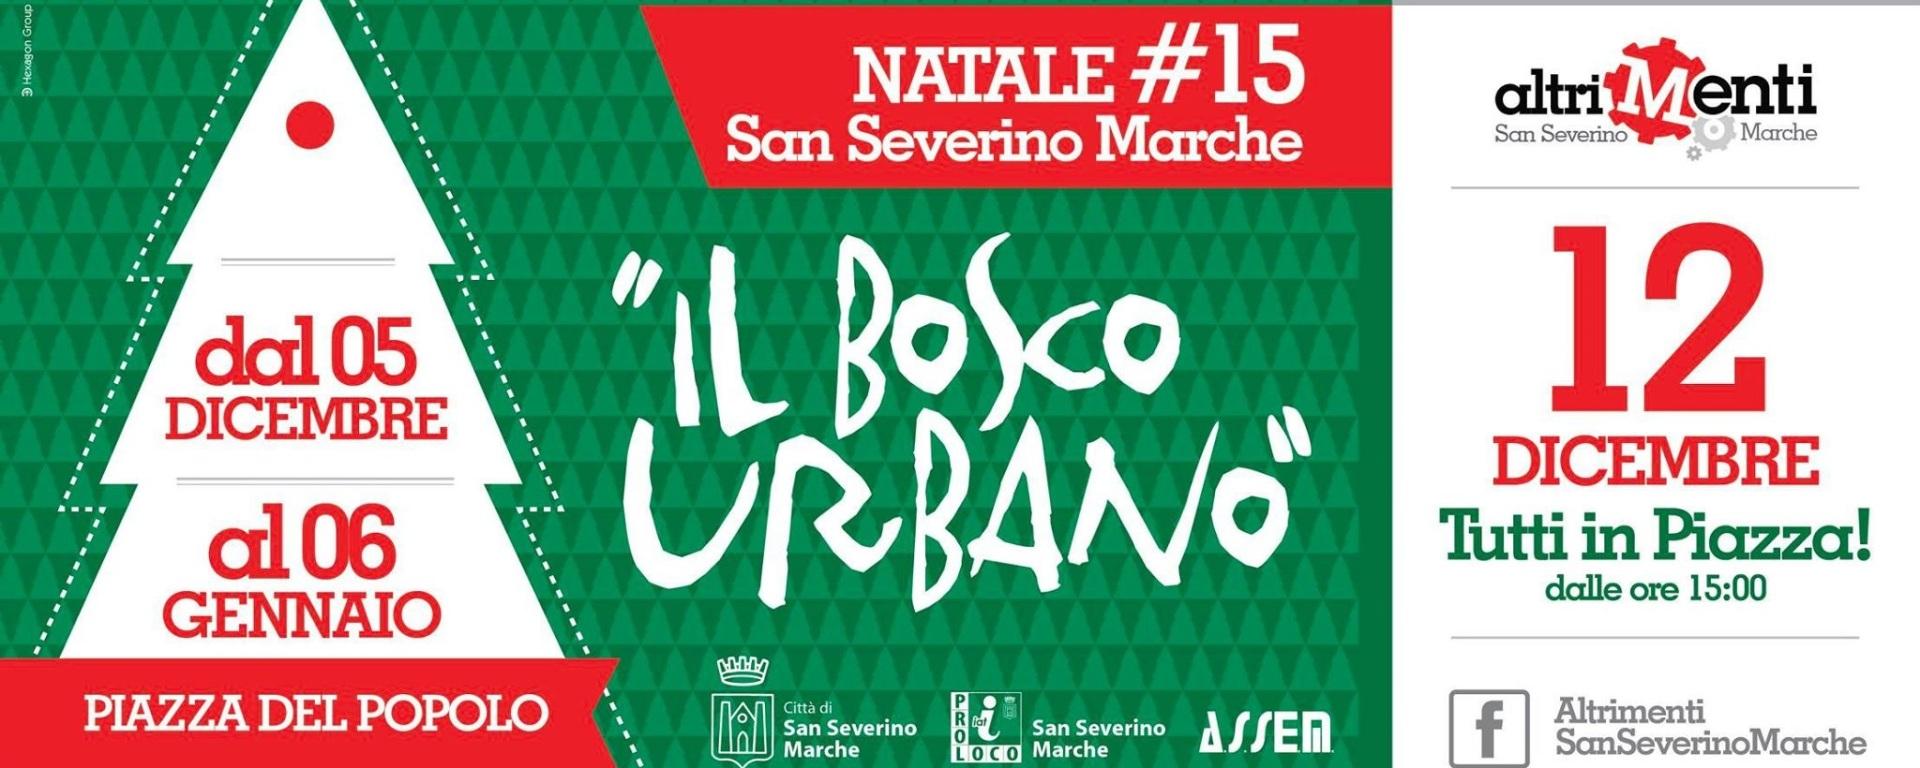 promo code d4257 76f92 Natale2015: un bosco urbano in piazza Del Popolo con ...